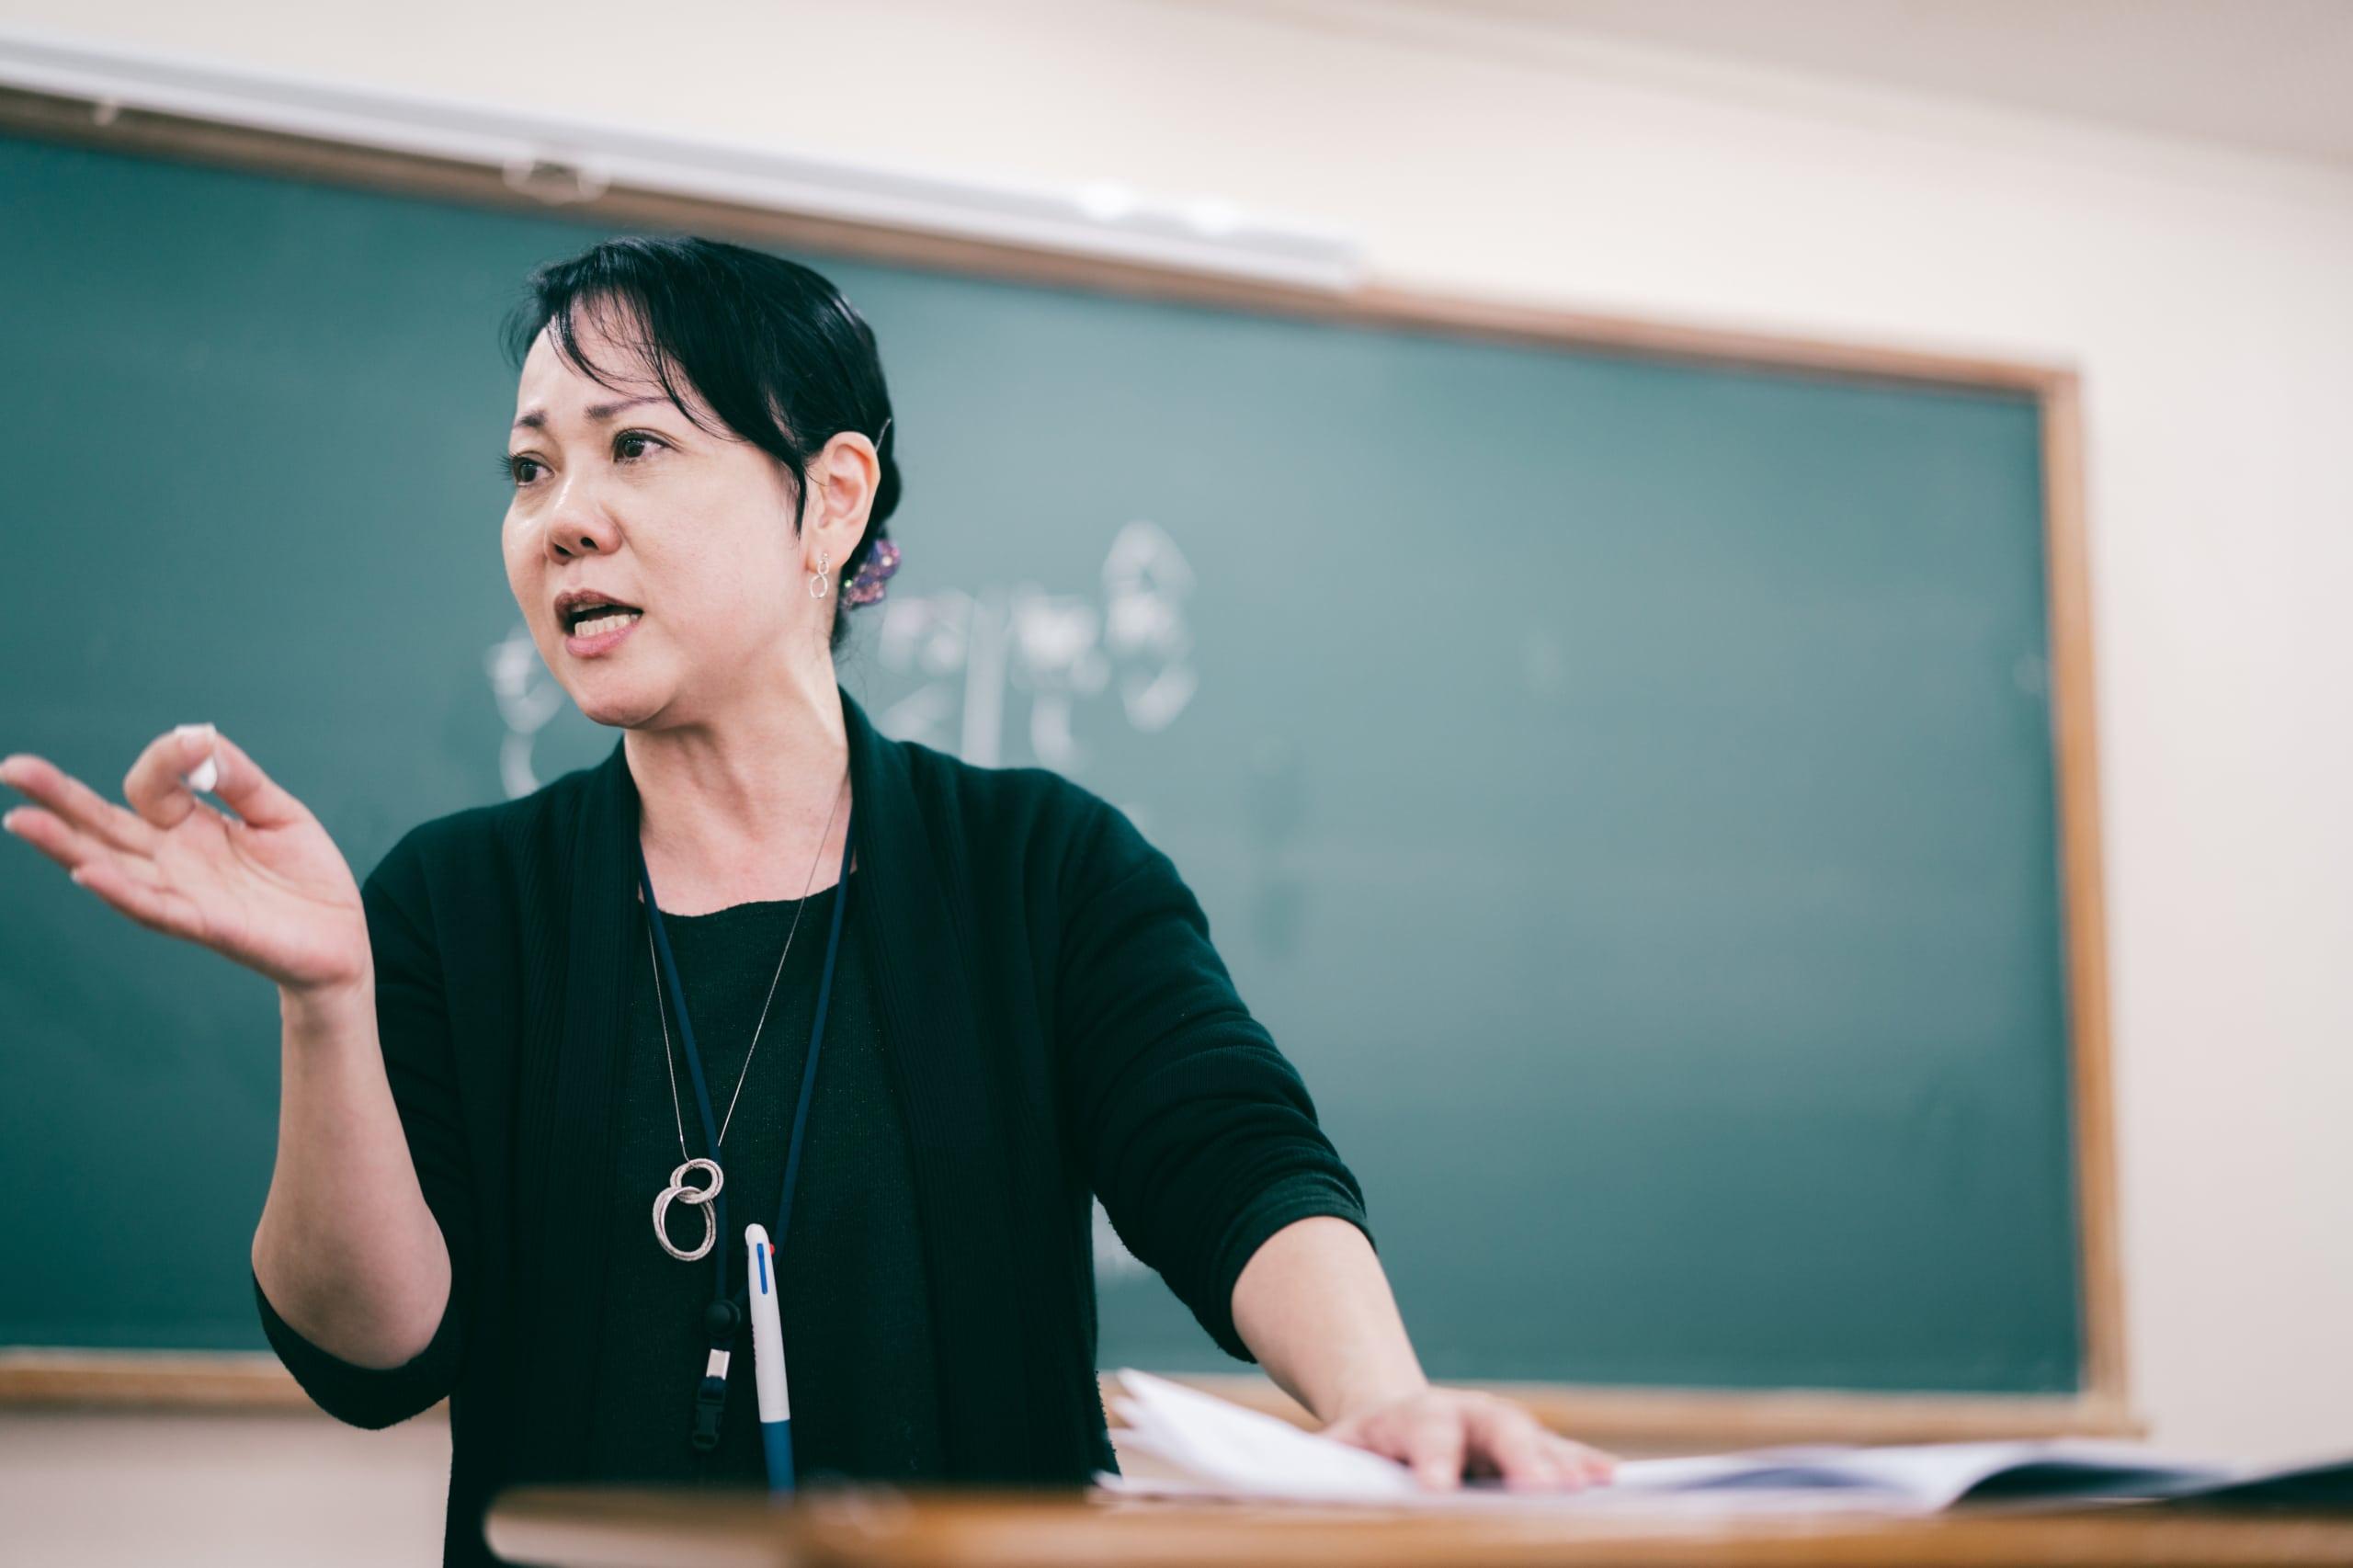 大学受験予備校講師の義村先生の授業の様子。